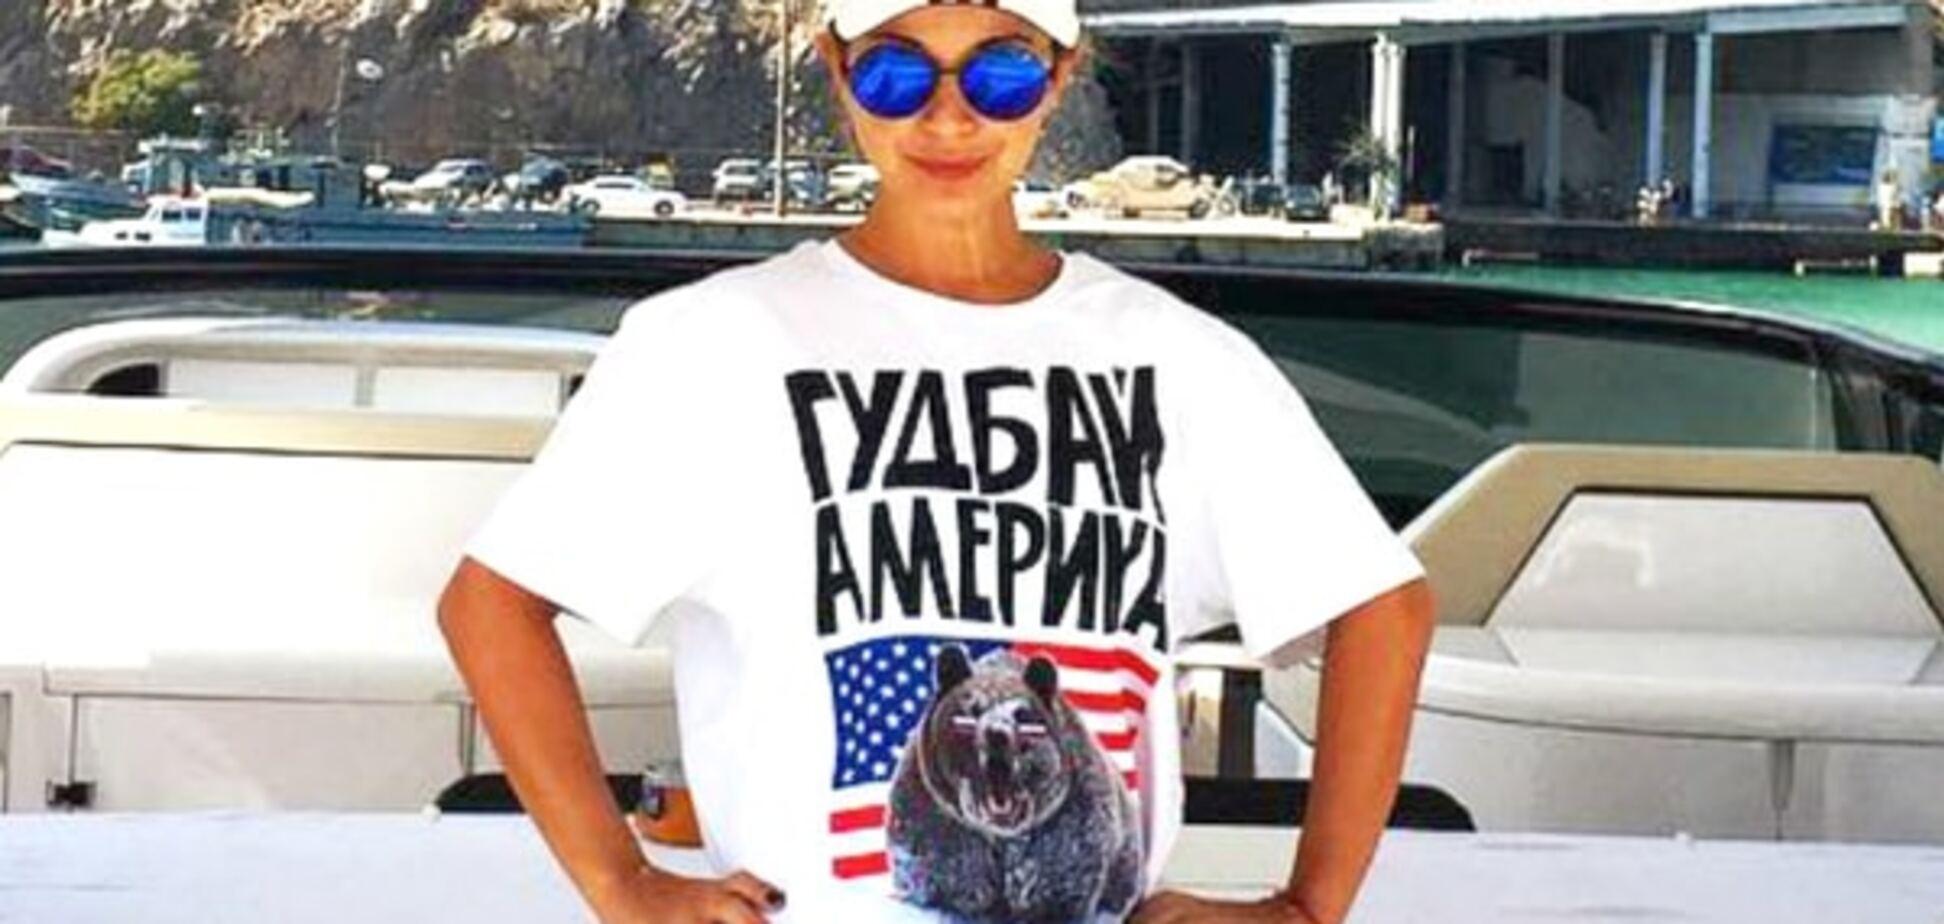 Лучшая подруга Жанны Фриске в майке 'Гудбай, Америка' отдохнула в Крыму